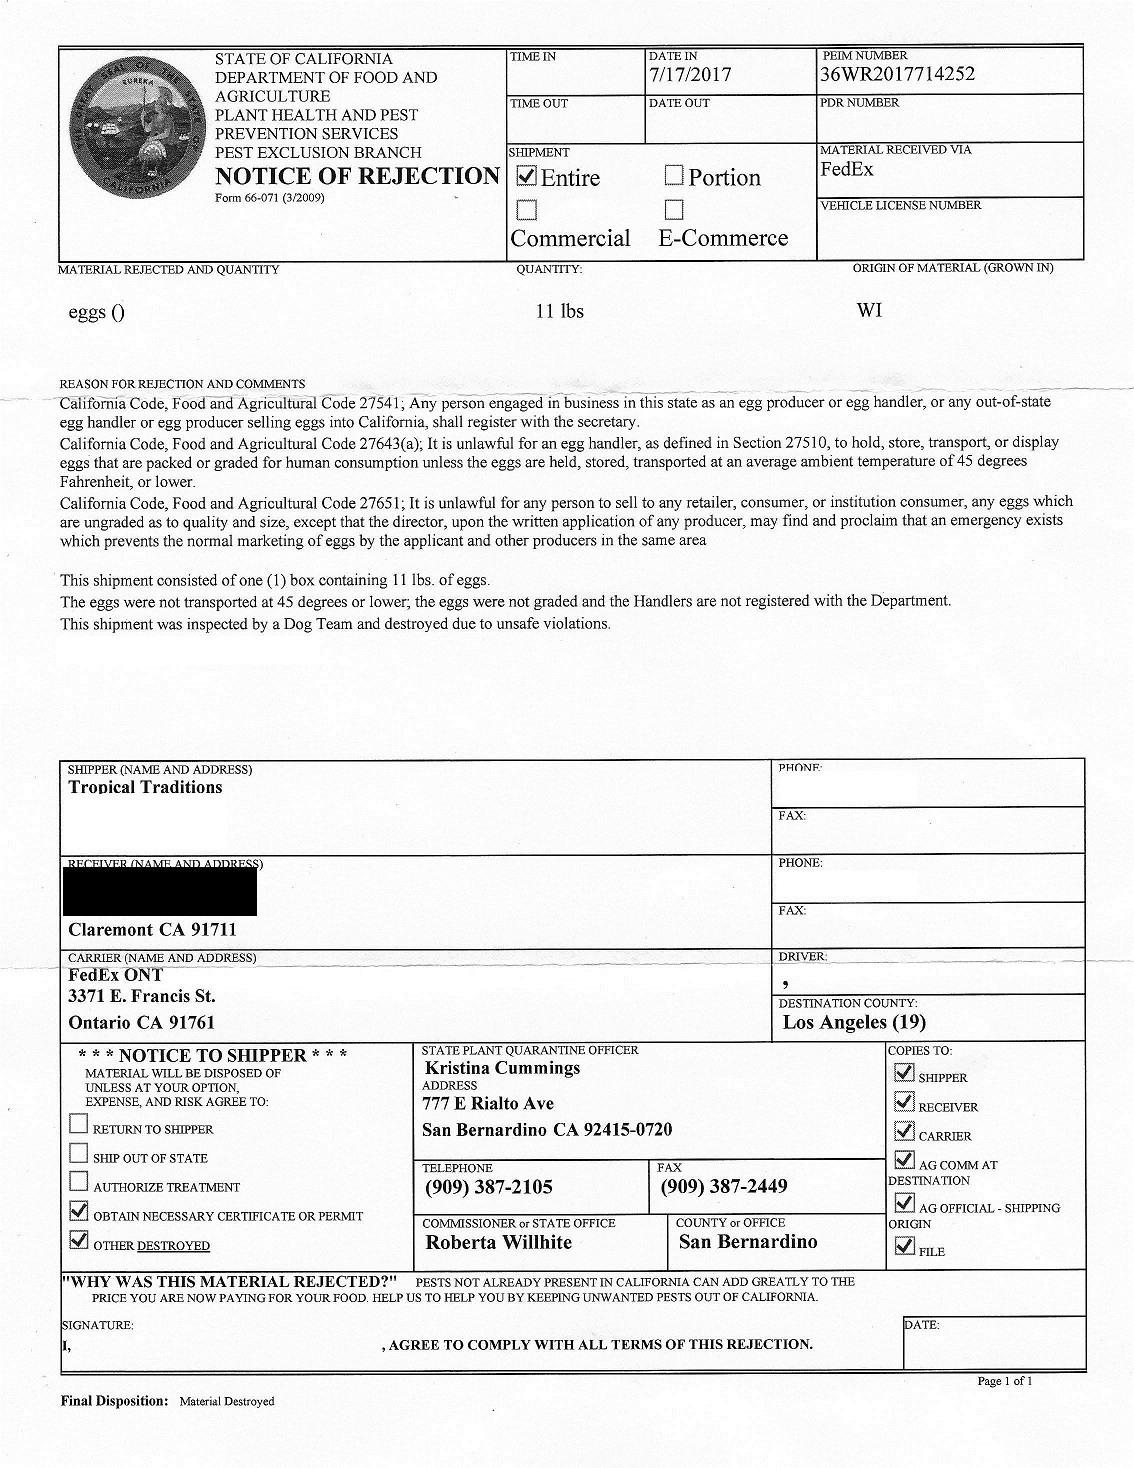 CDFA letter July 2017